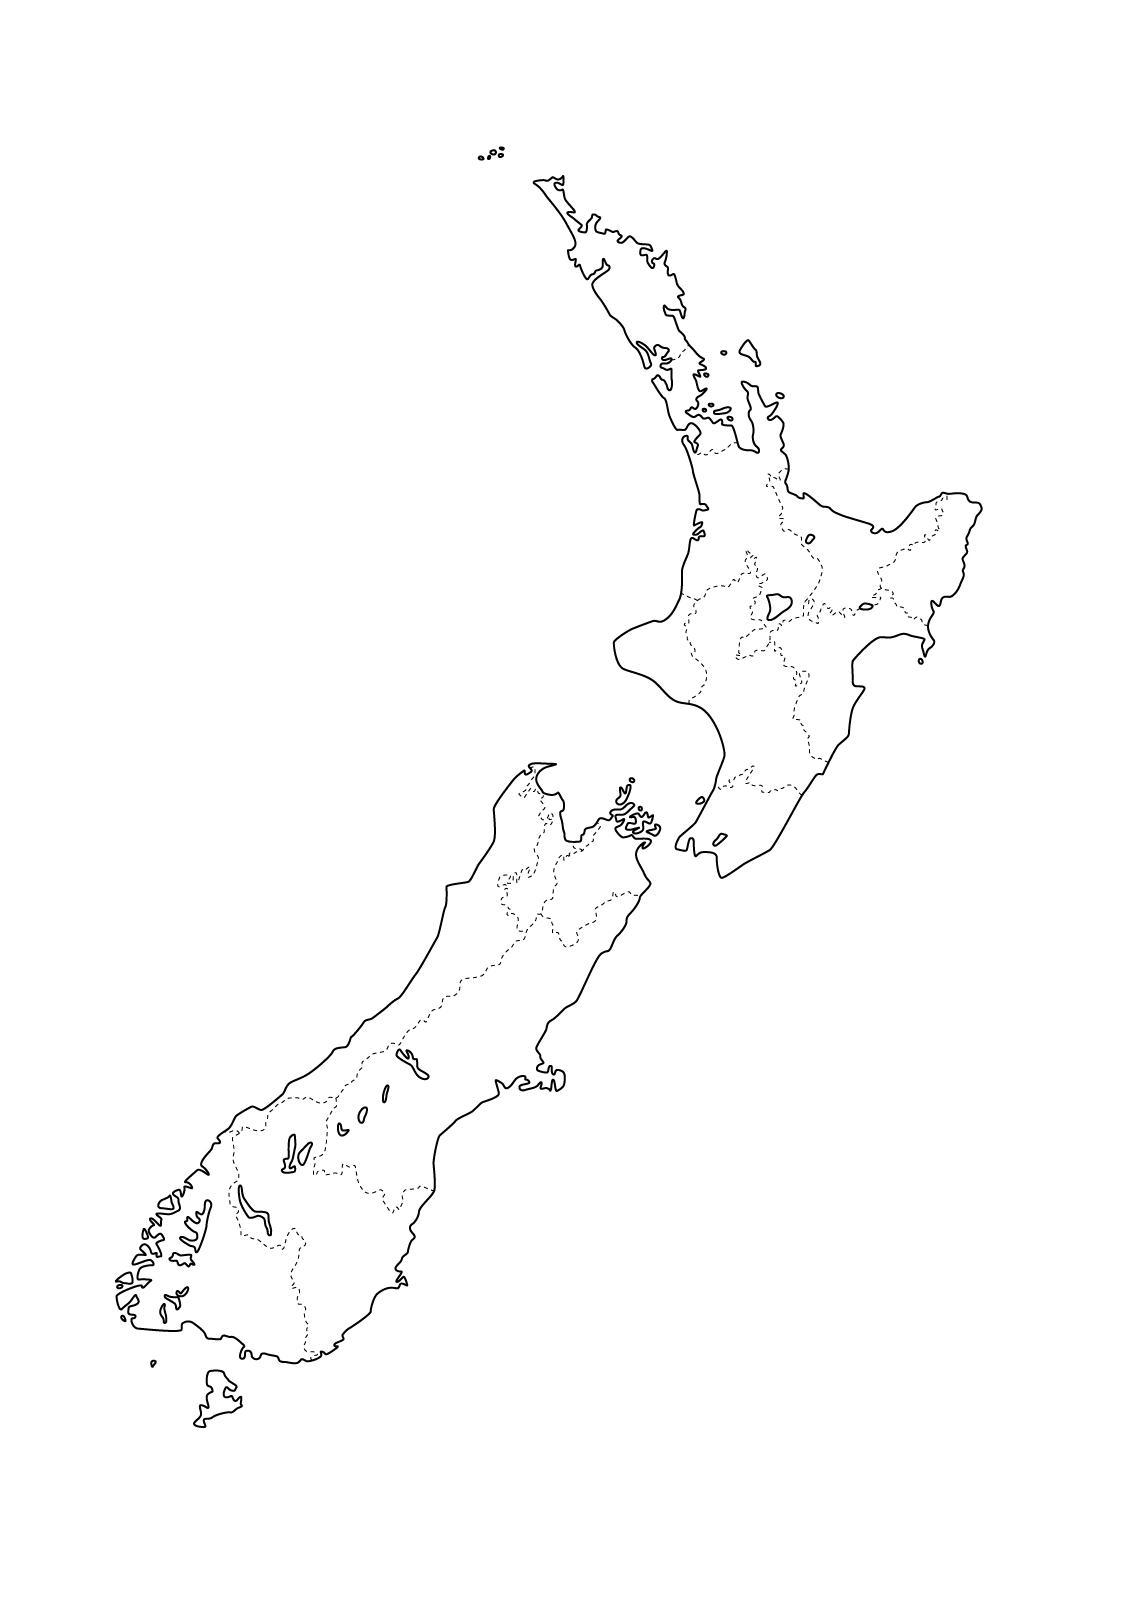 Mapa con la división política de Nueva Zelanda. Freemap